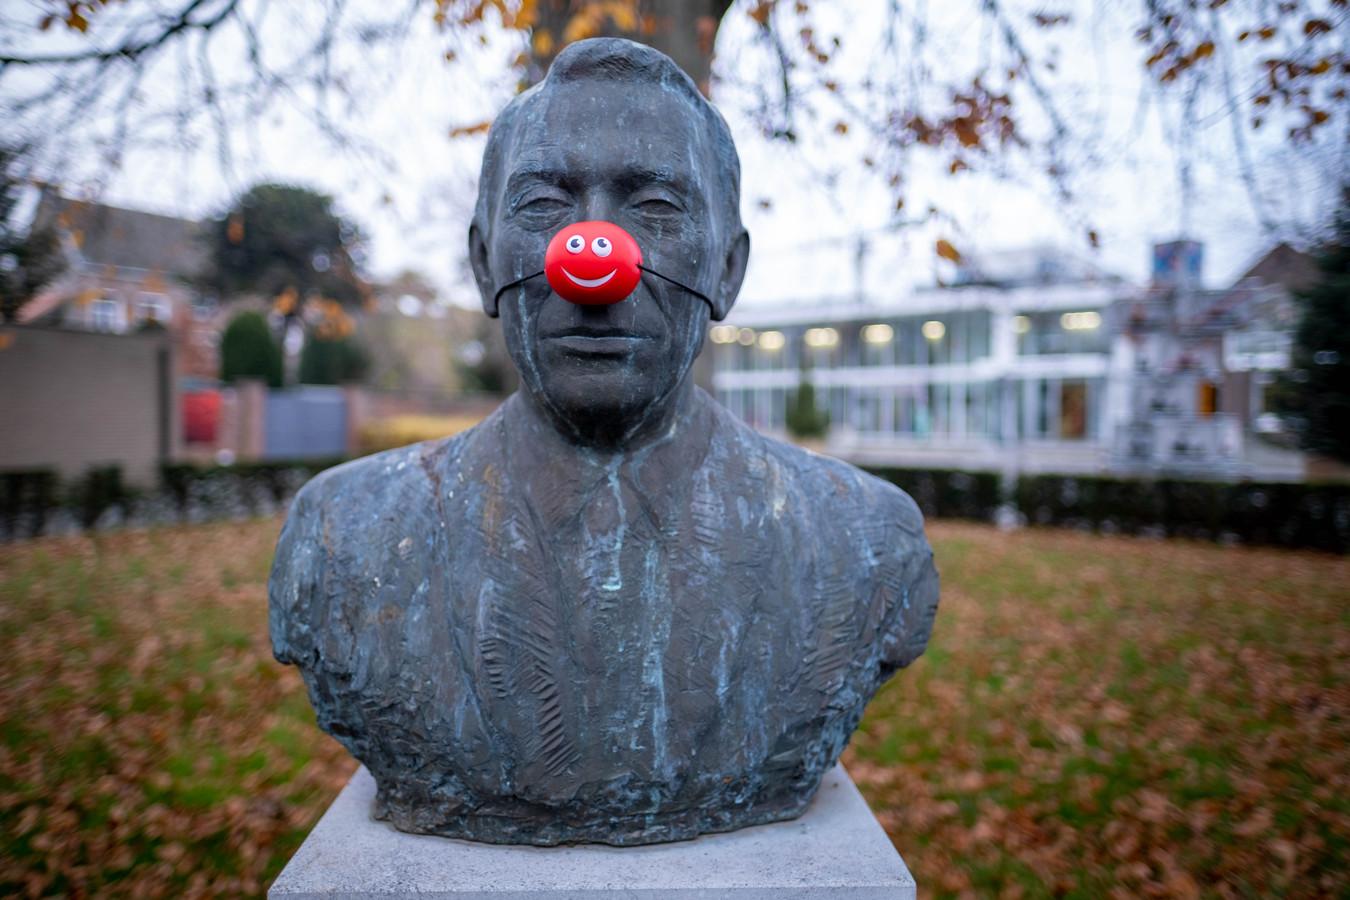 PUURS Standbeelden kregen een rode neus